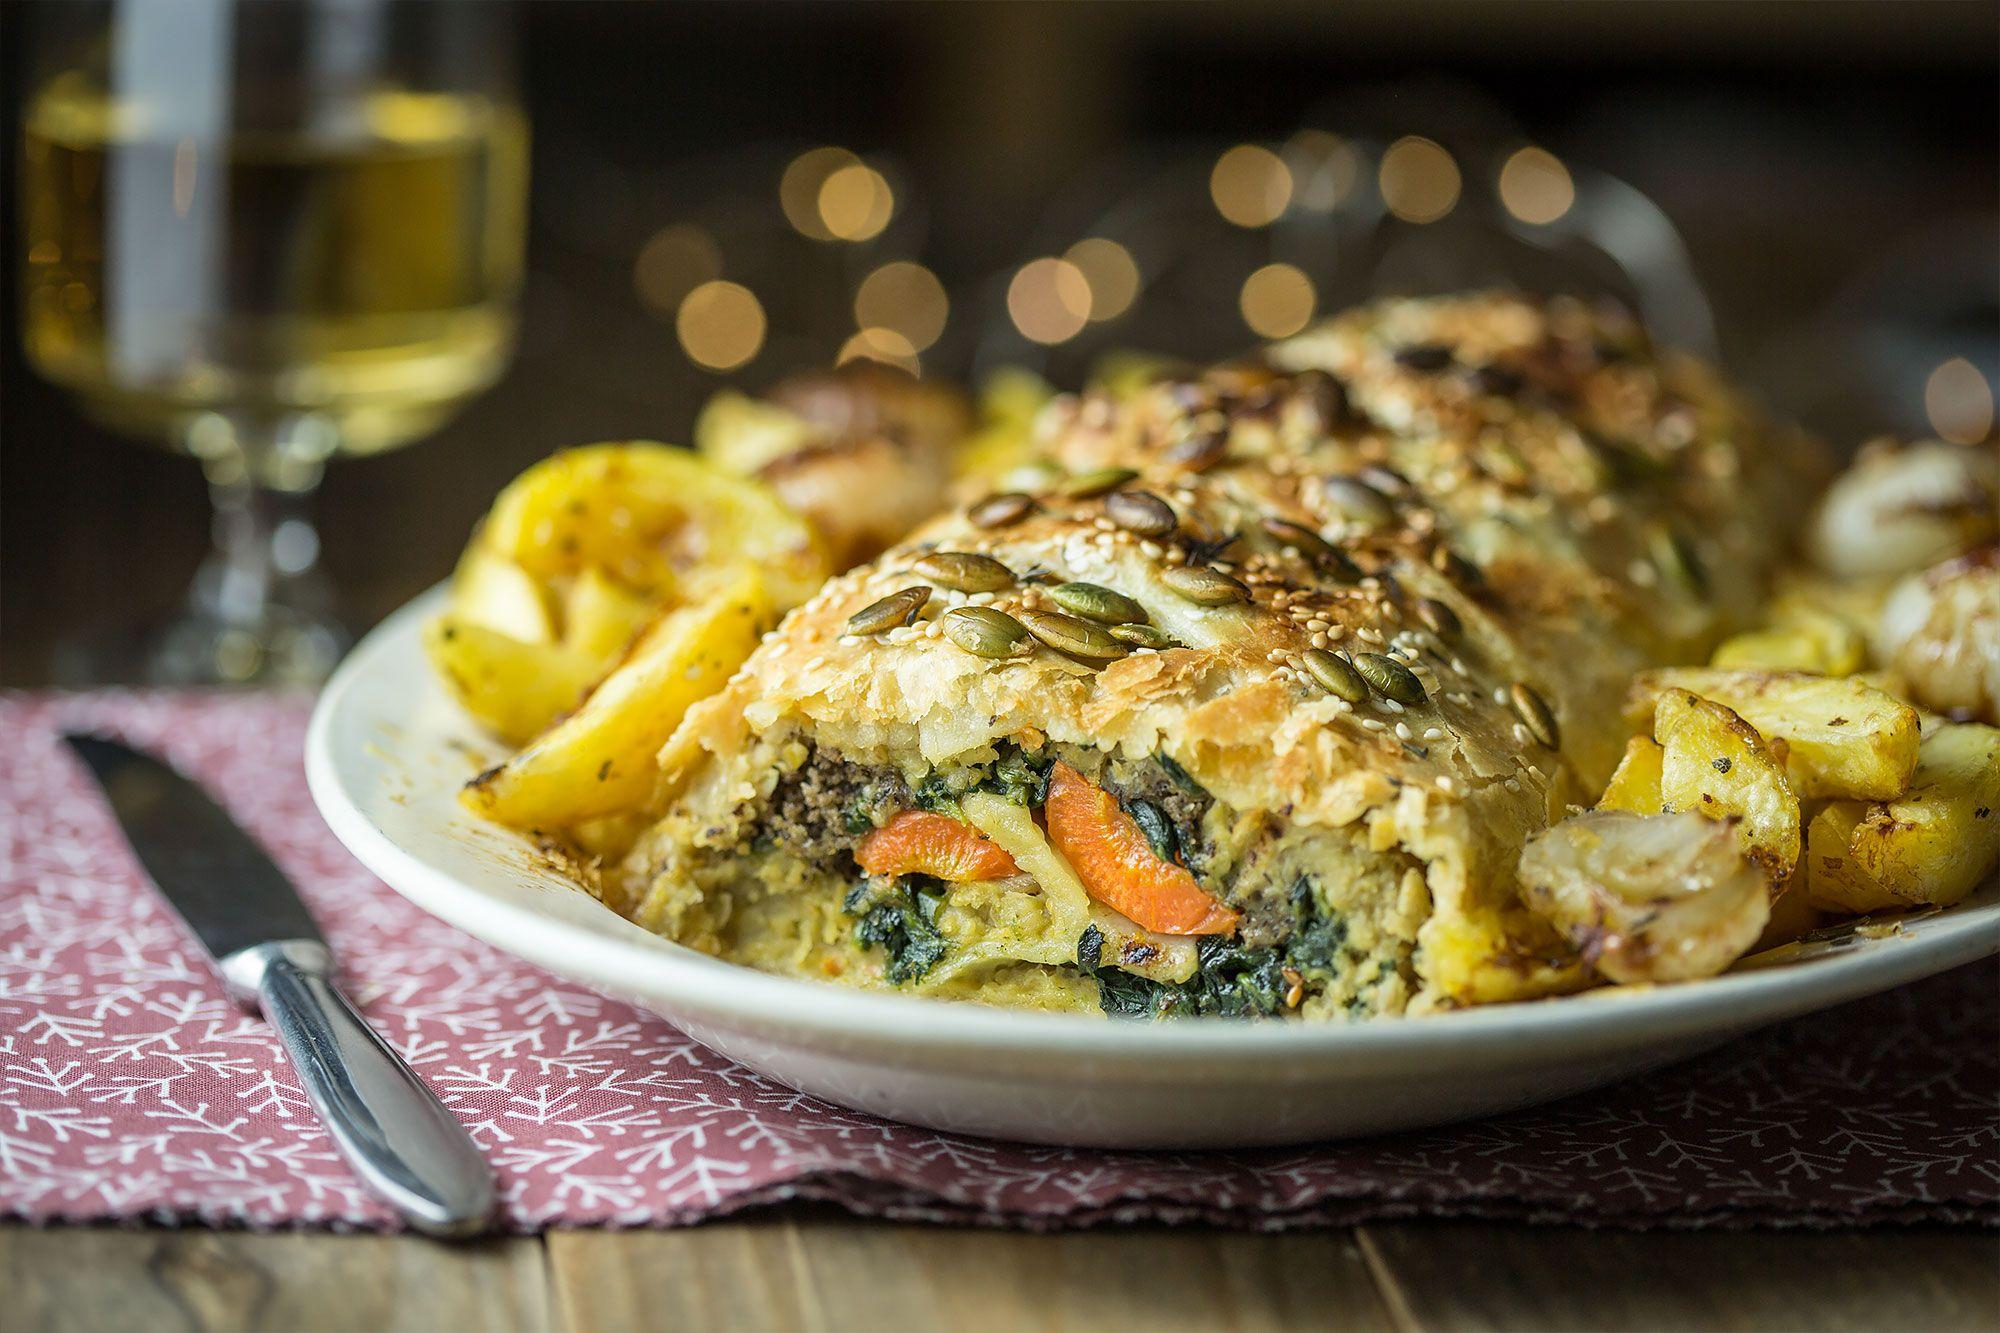 scuola di cucina vegana per le feste - tutte le basi - vegolosi.it ... - Basi Di Cucina